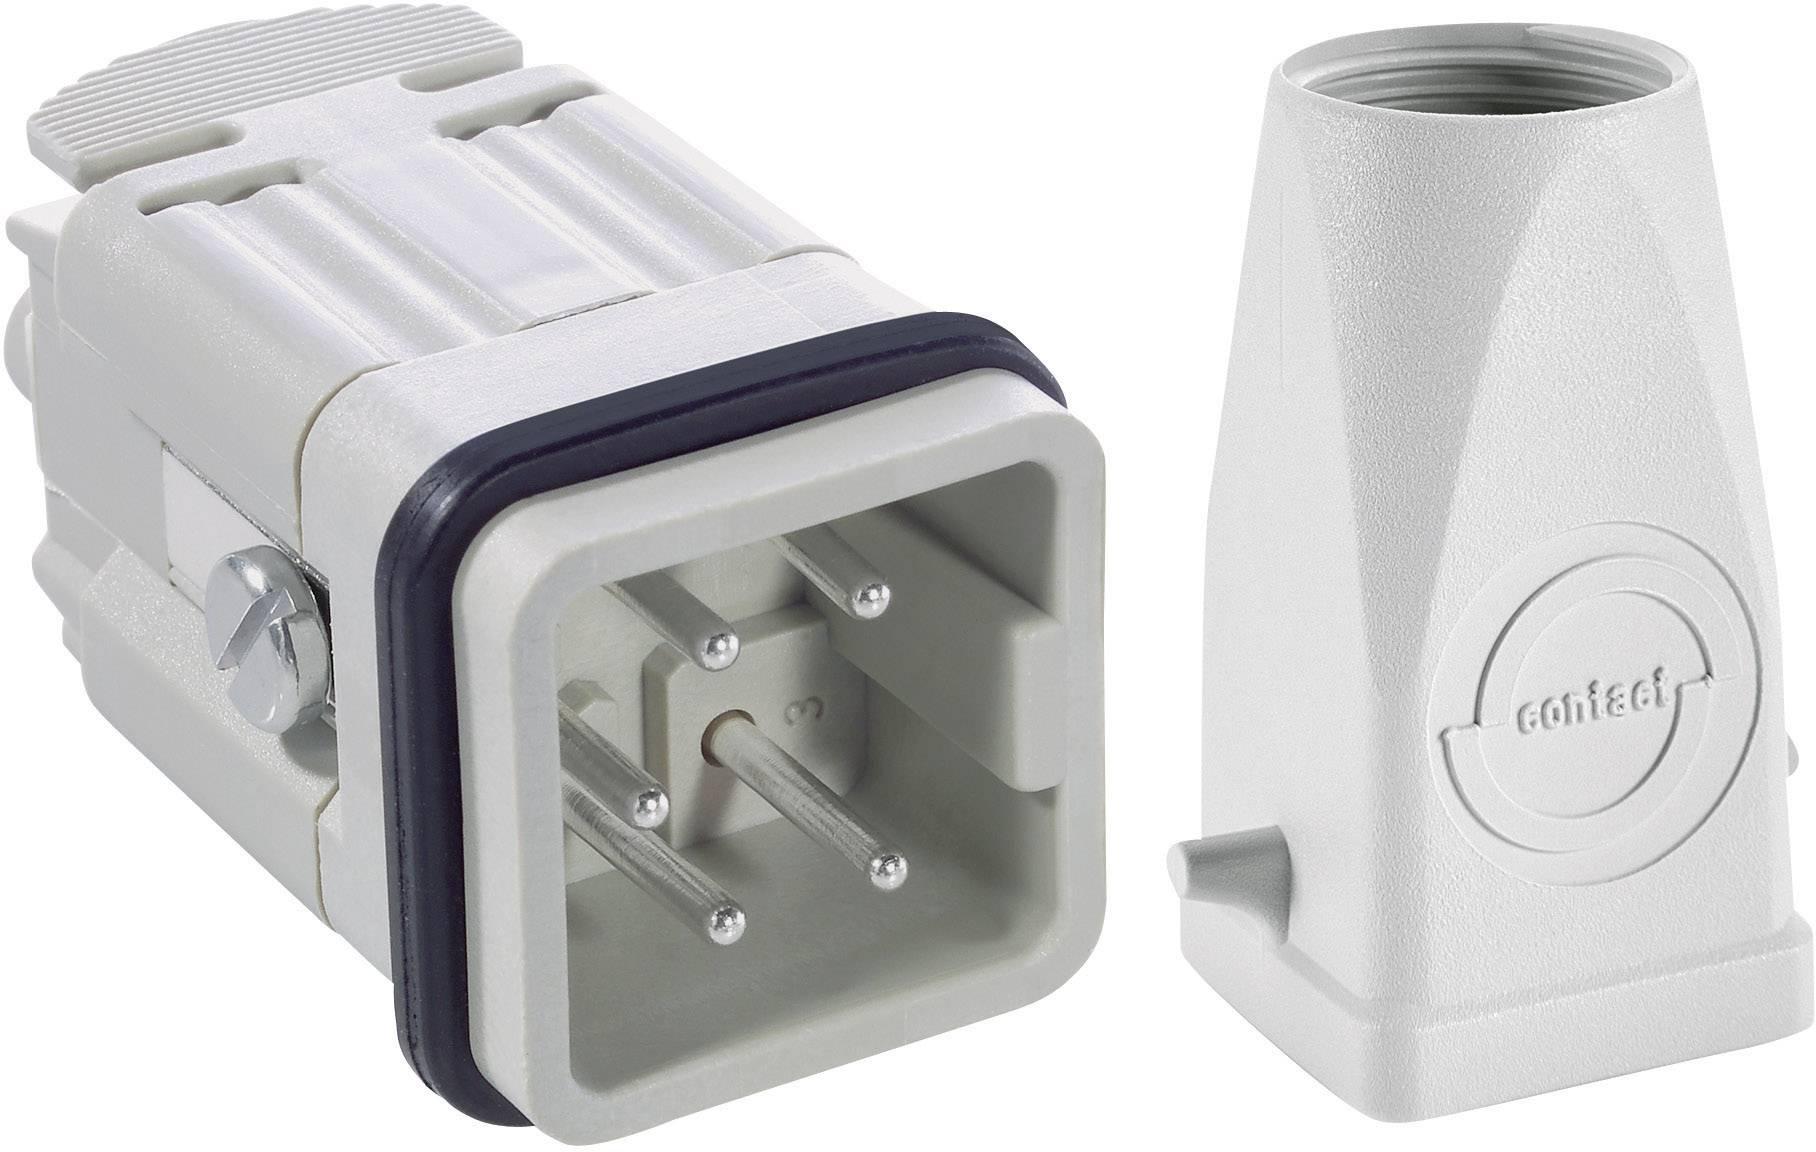 Sada konektorů EPIC®KIT H-A 4 75009613 LAPP 4 + PE šroubovací 1 sada